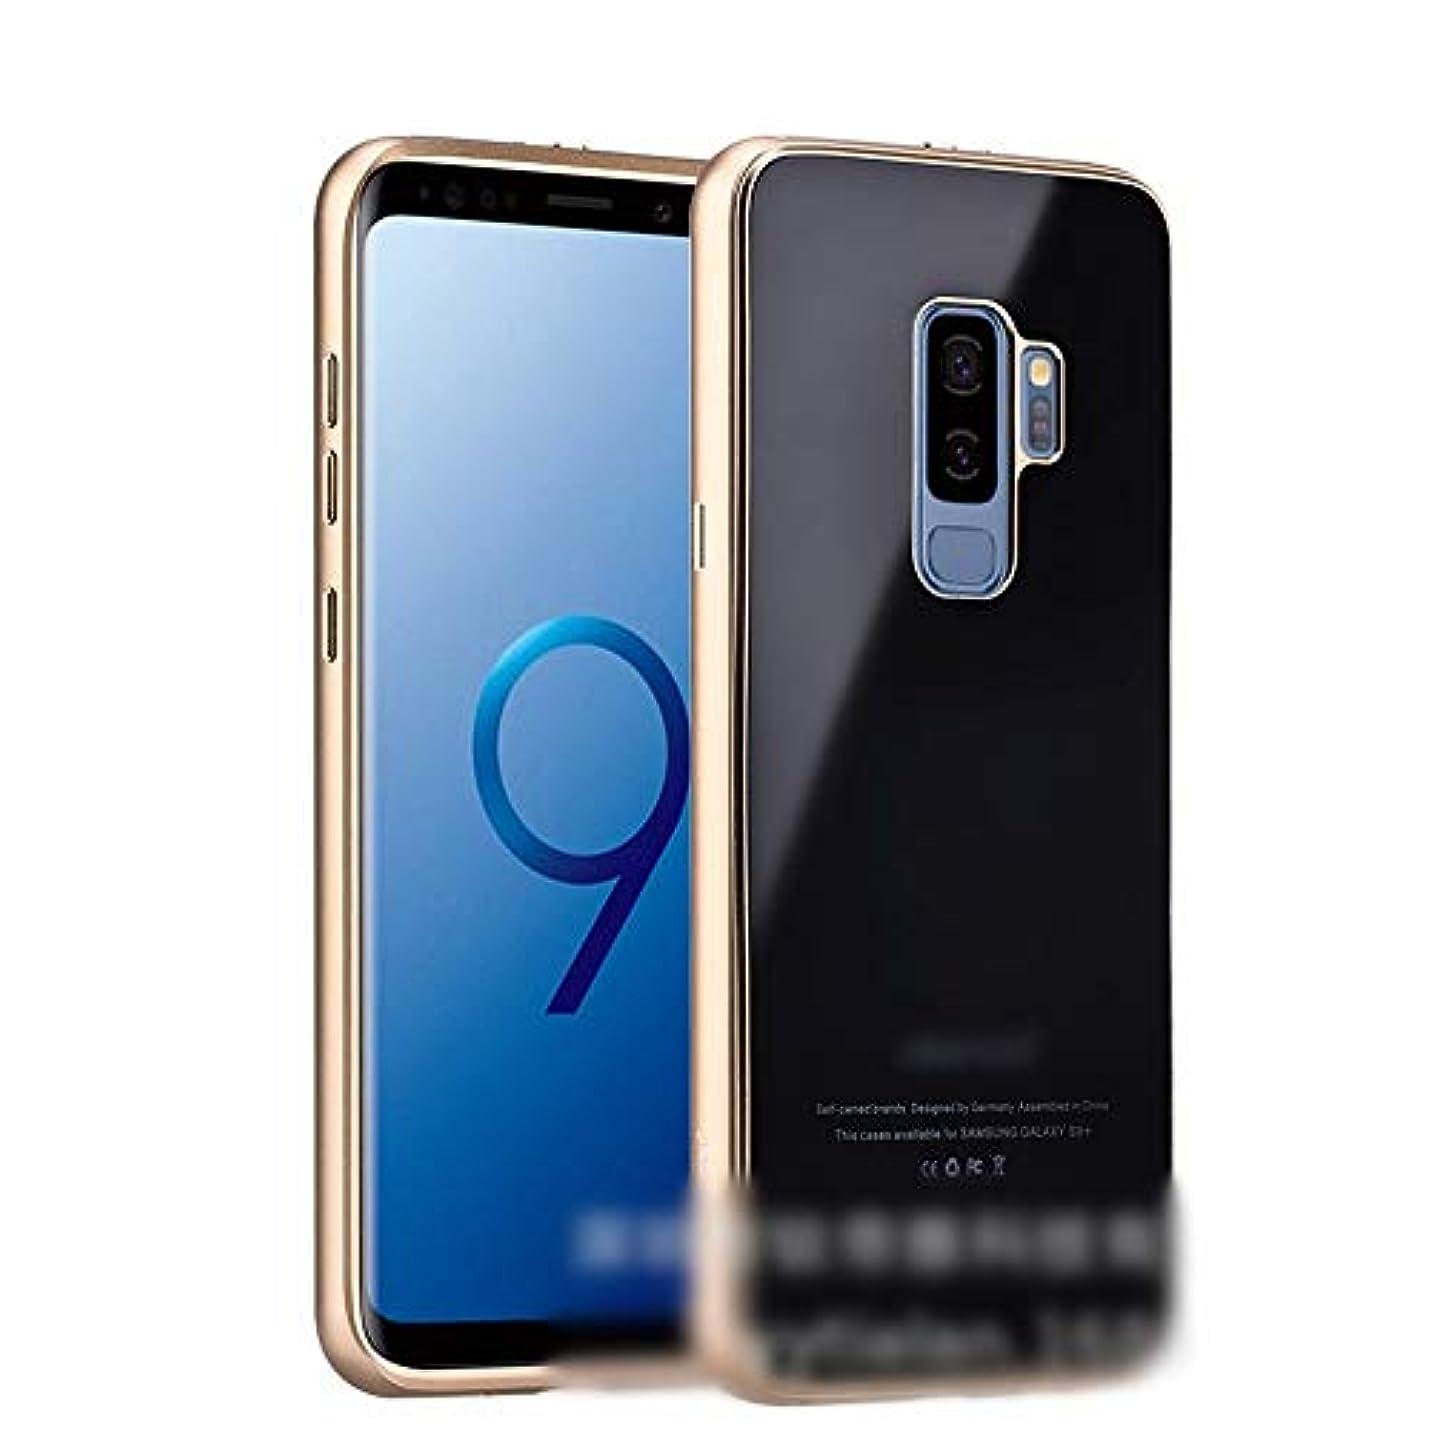 太い目に見える一緒Tonglilili 電話ケース、サムスンS9プラス、S9、注9、S8プラス、注8、S7エッジ、S7のためのガラス携帯電話ケース新しい金属の落下防止カバー電話ケース (Color : 黒, Edition : S7)